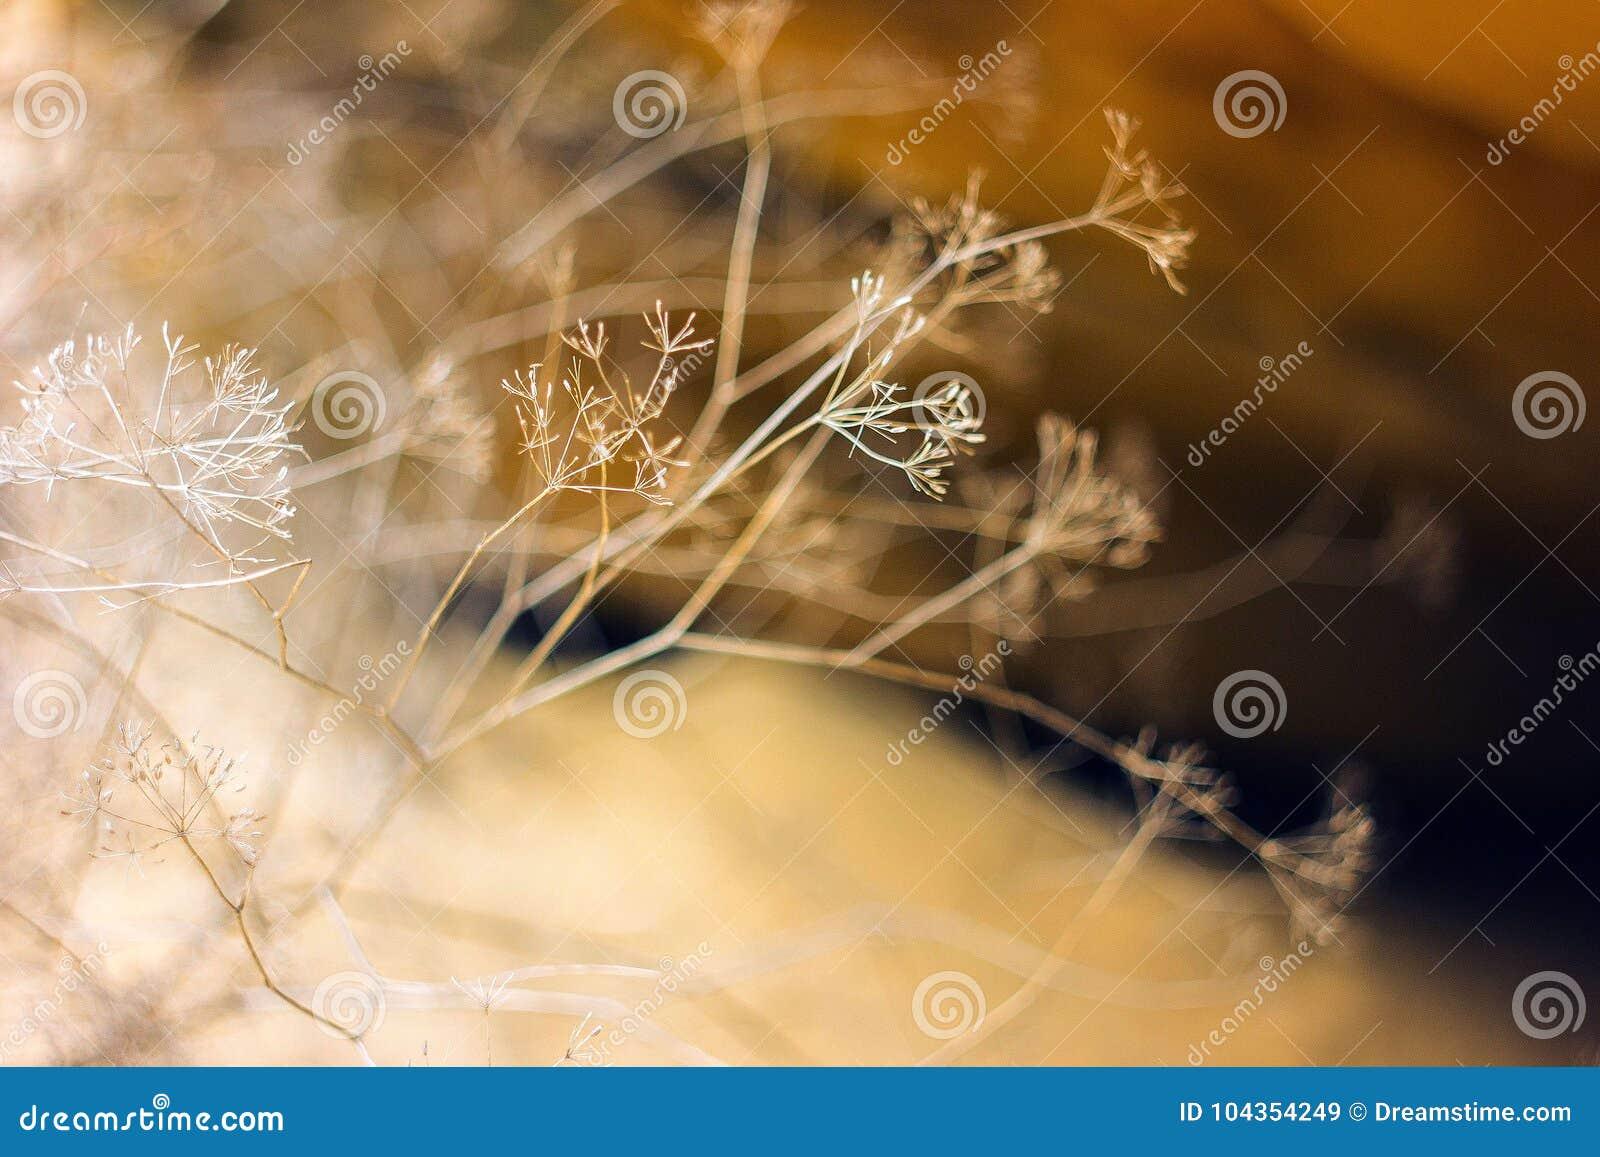 Trockene Blumen auf einem braunen Hintergrund Hintergrund